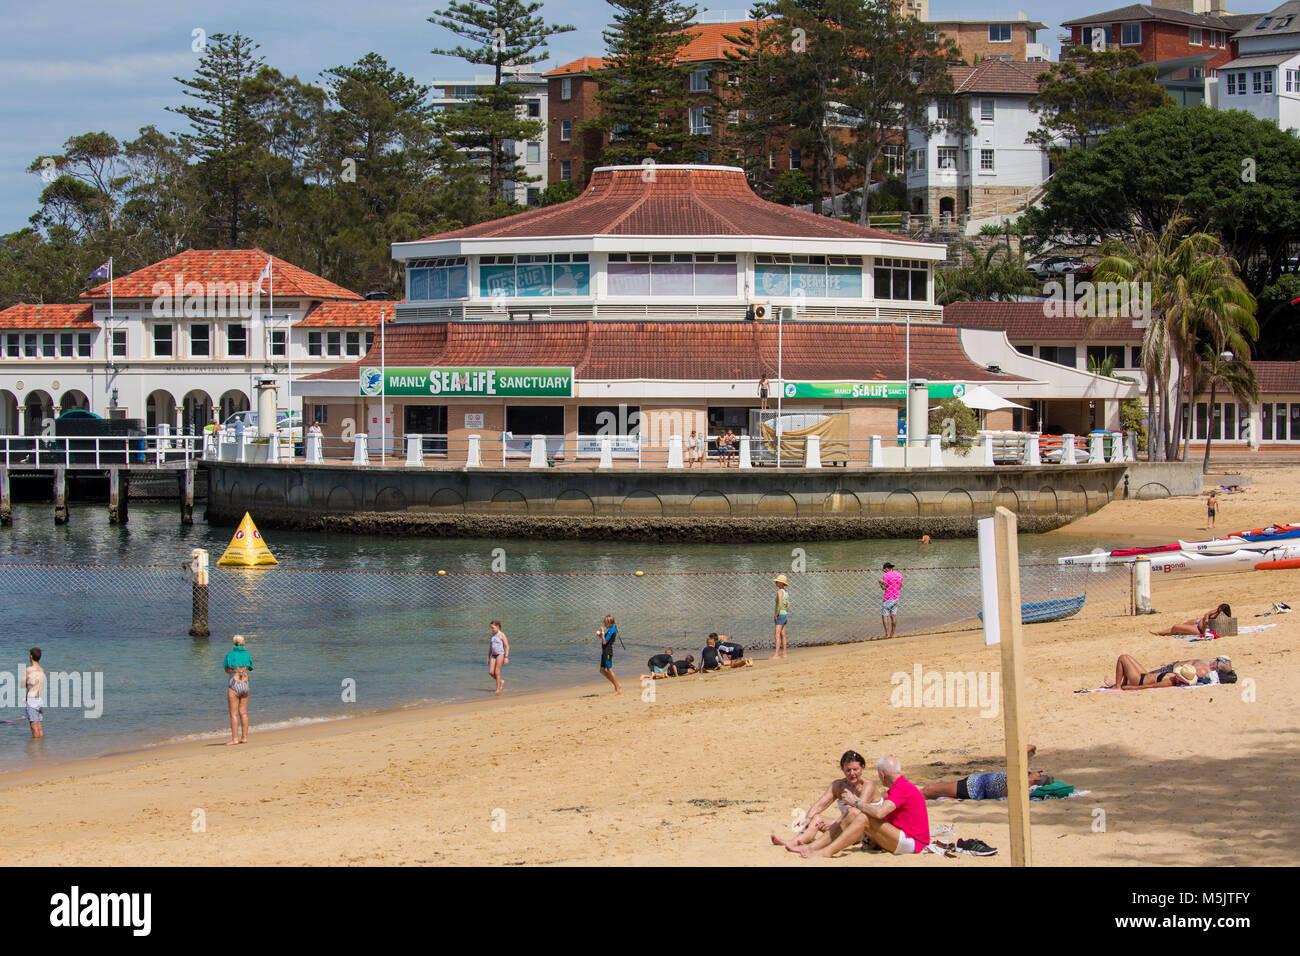 Manly beach sea life aquarium, Sydney,Australia - Stock Image